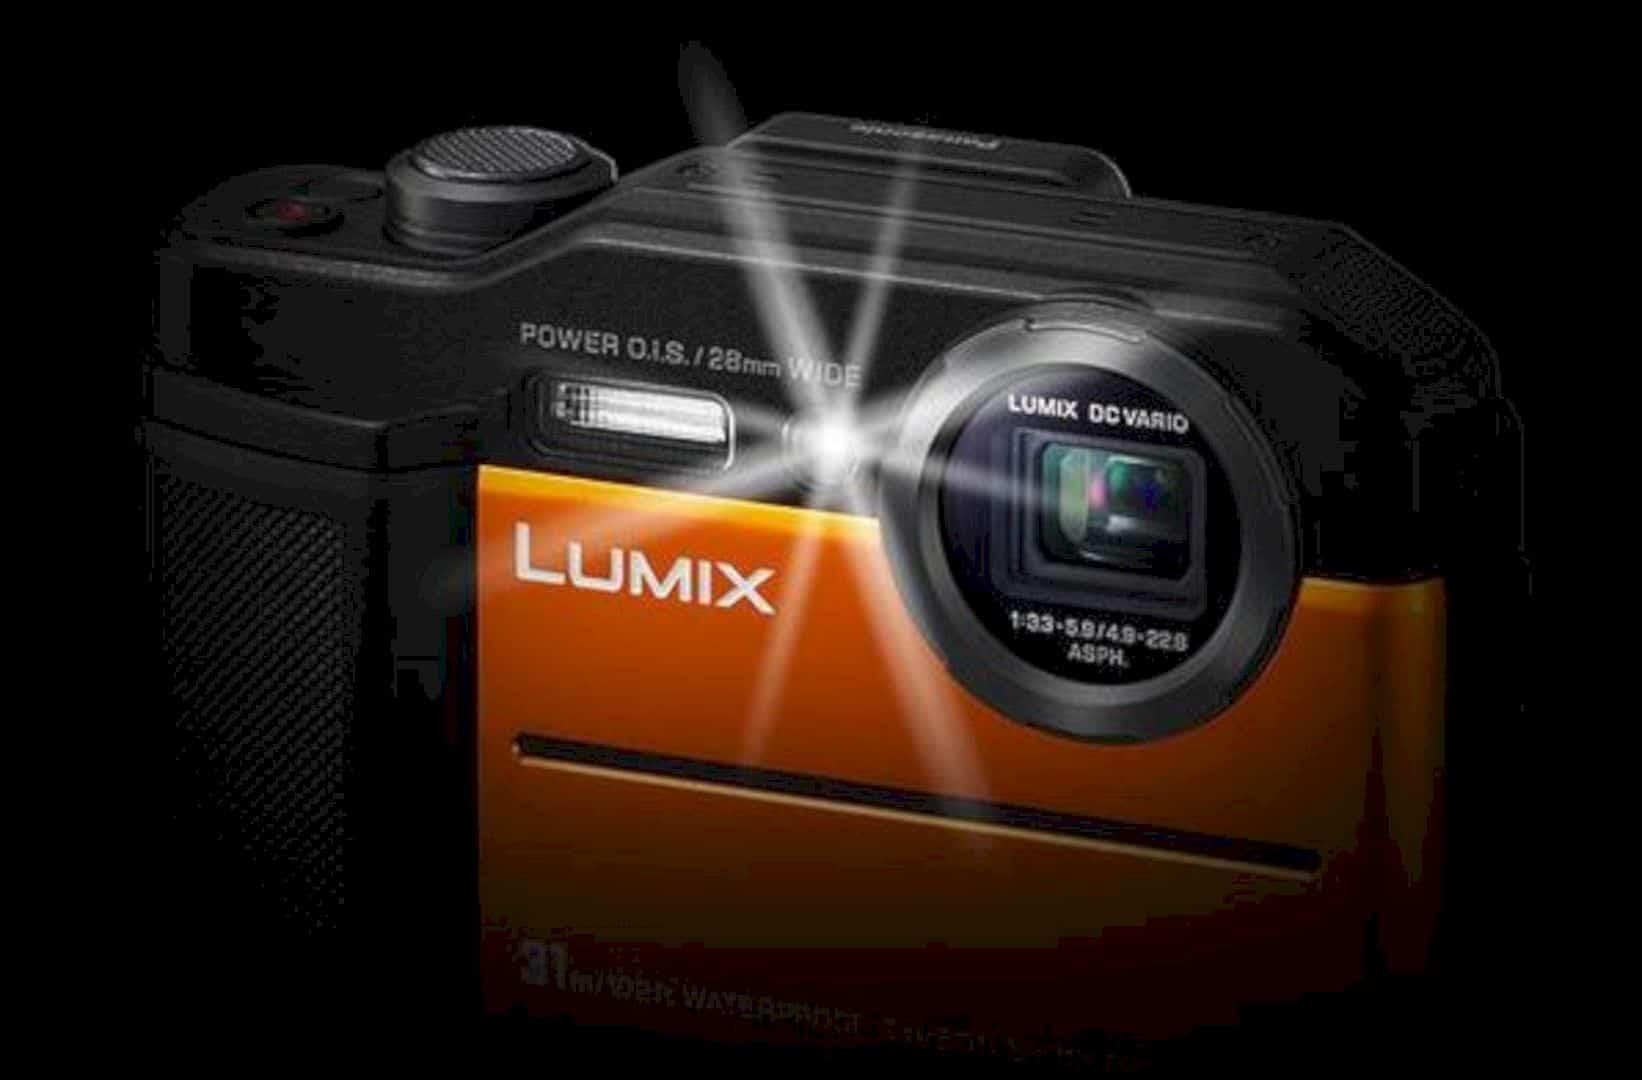 Panasonic LUMIX TS7 Waterproof Tough Camera 1